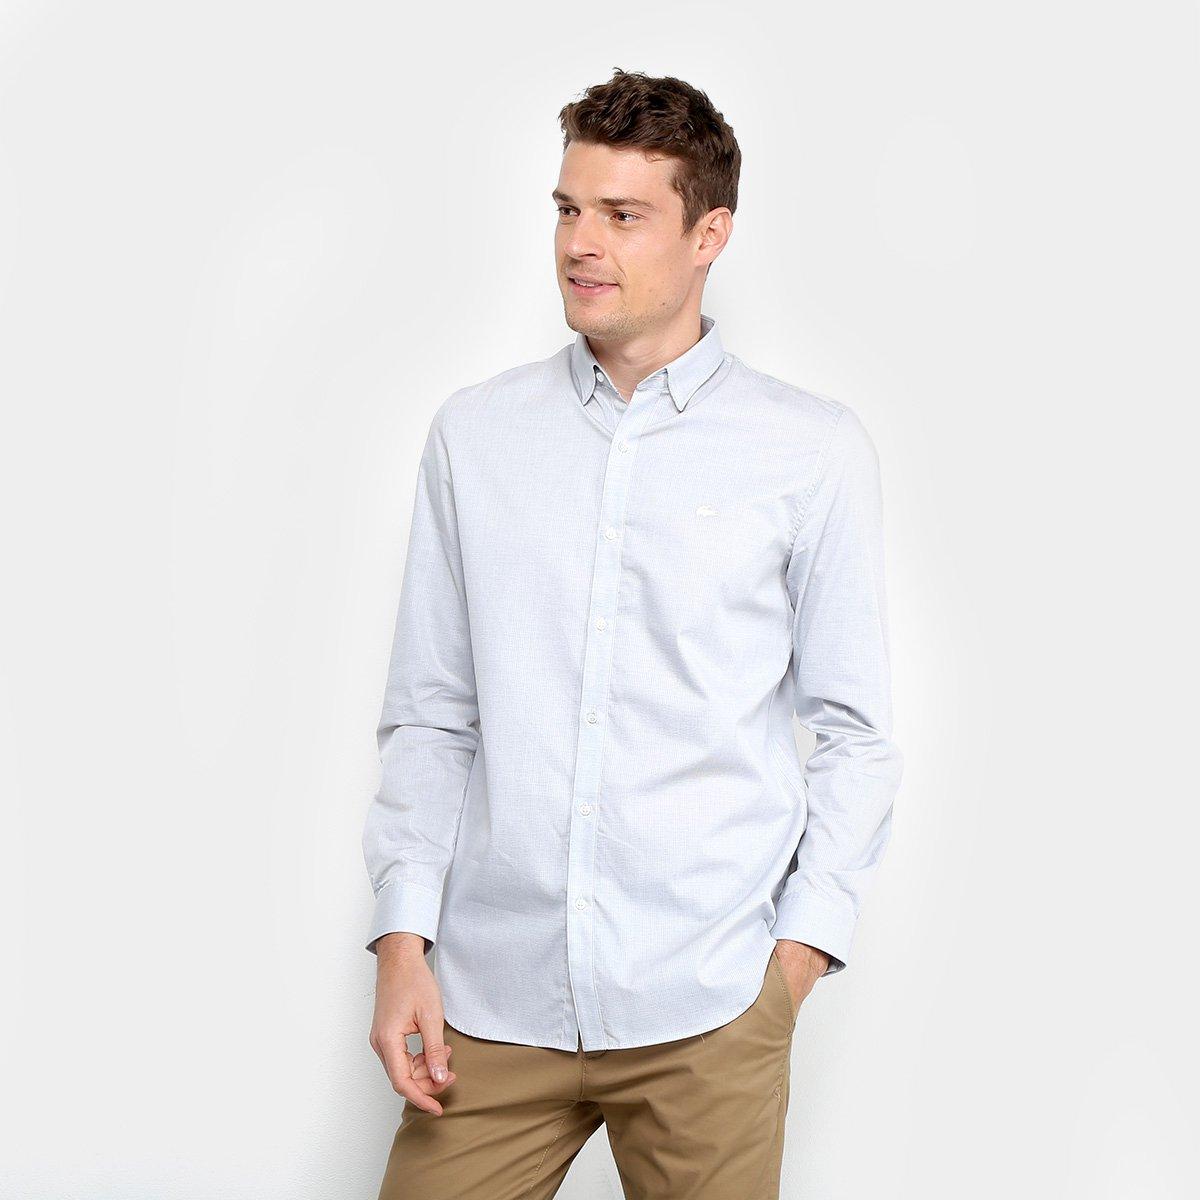 198a8cf30 Camisa Lacoste Manga Longa Masculina - Compre Agora